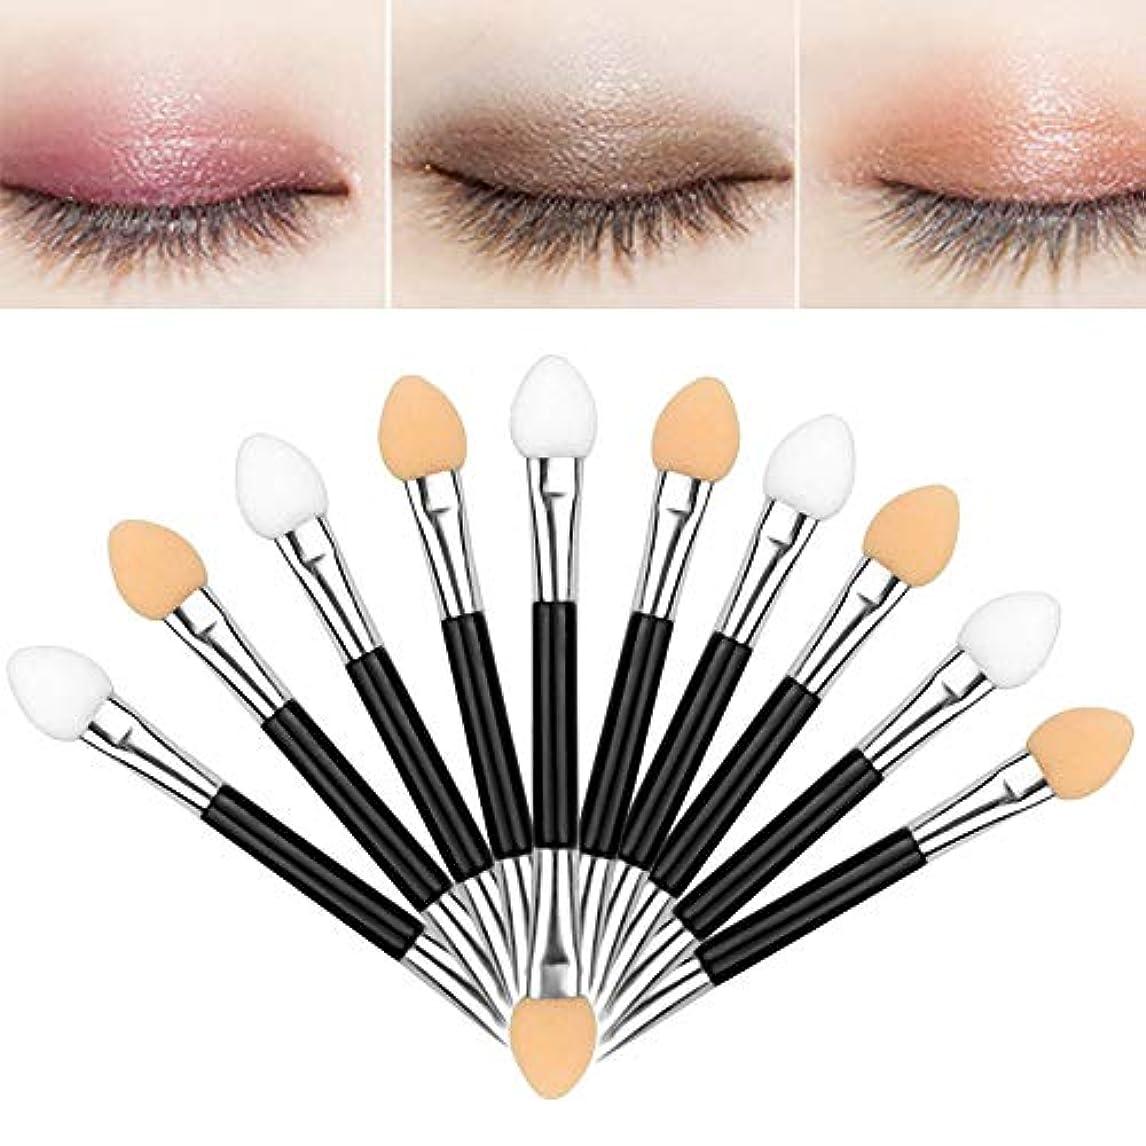 Cikoume アイシャドウブラシ 10本ダブル 化粧ツール 人気 アイシャドウスポンジ シリコンチップ 上質なメイクブラシで魅力的な目元を 化粧筆 ダブル メイクブラシ